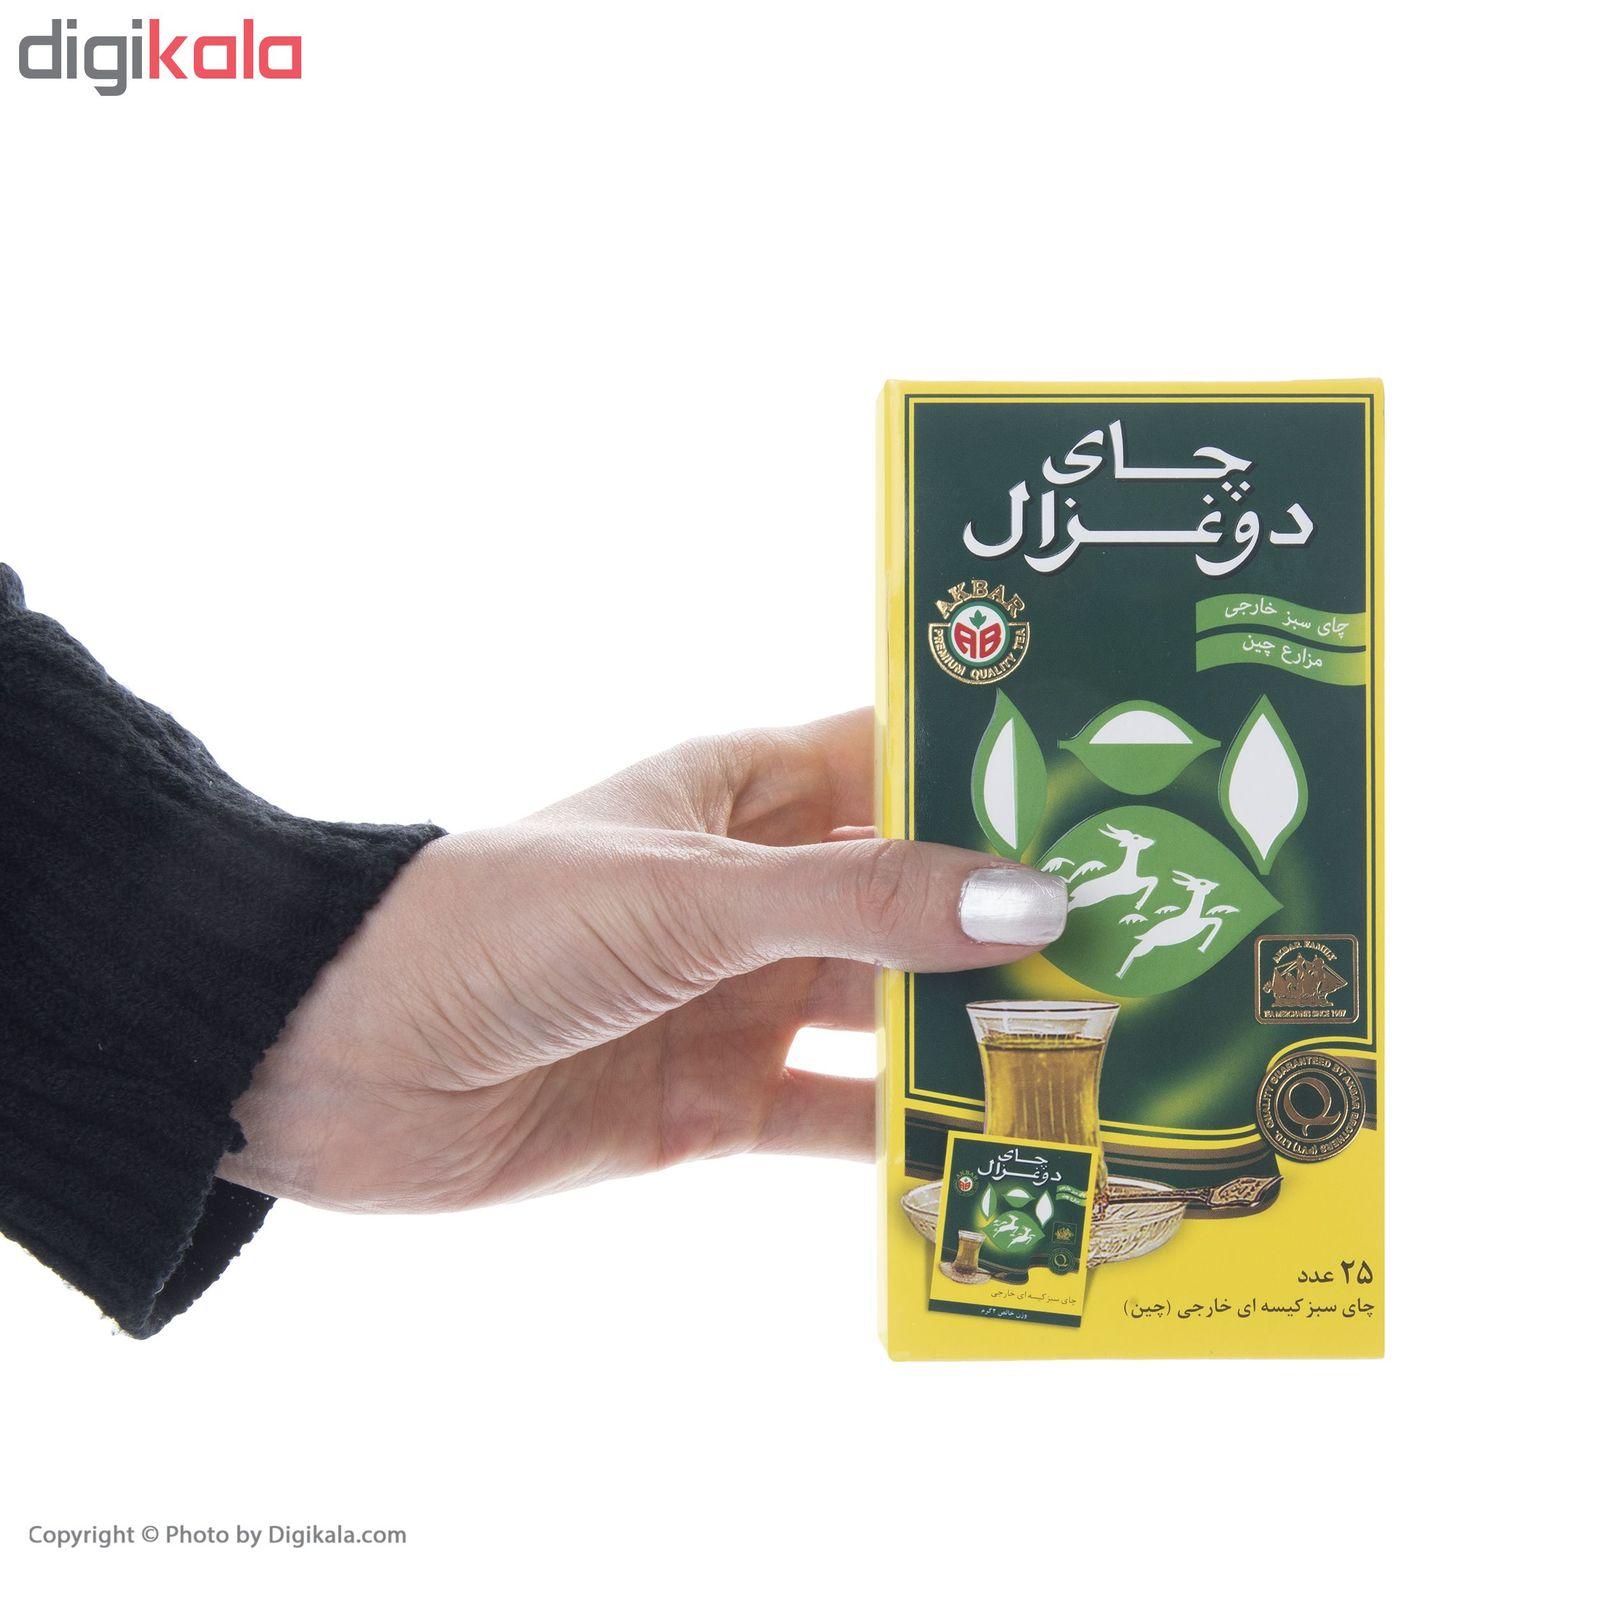 چای سبز کیسه ای دوغزال بسته 25 عددی main 1 2